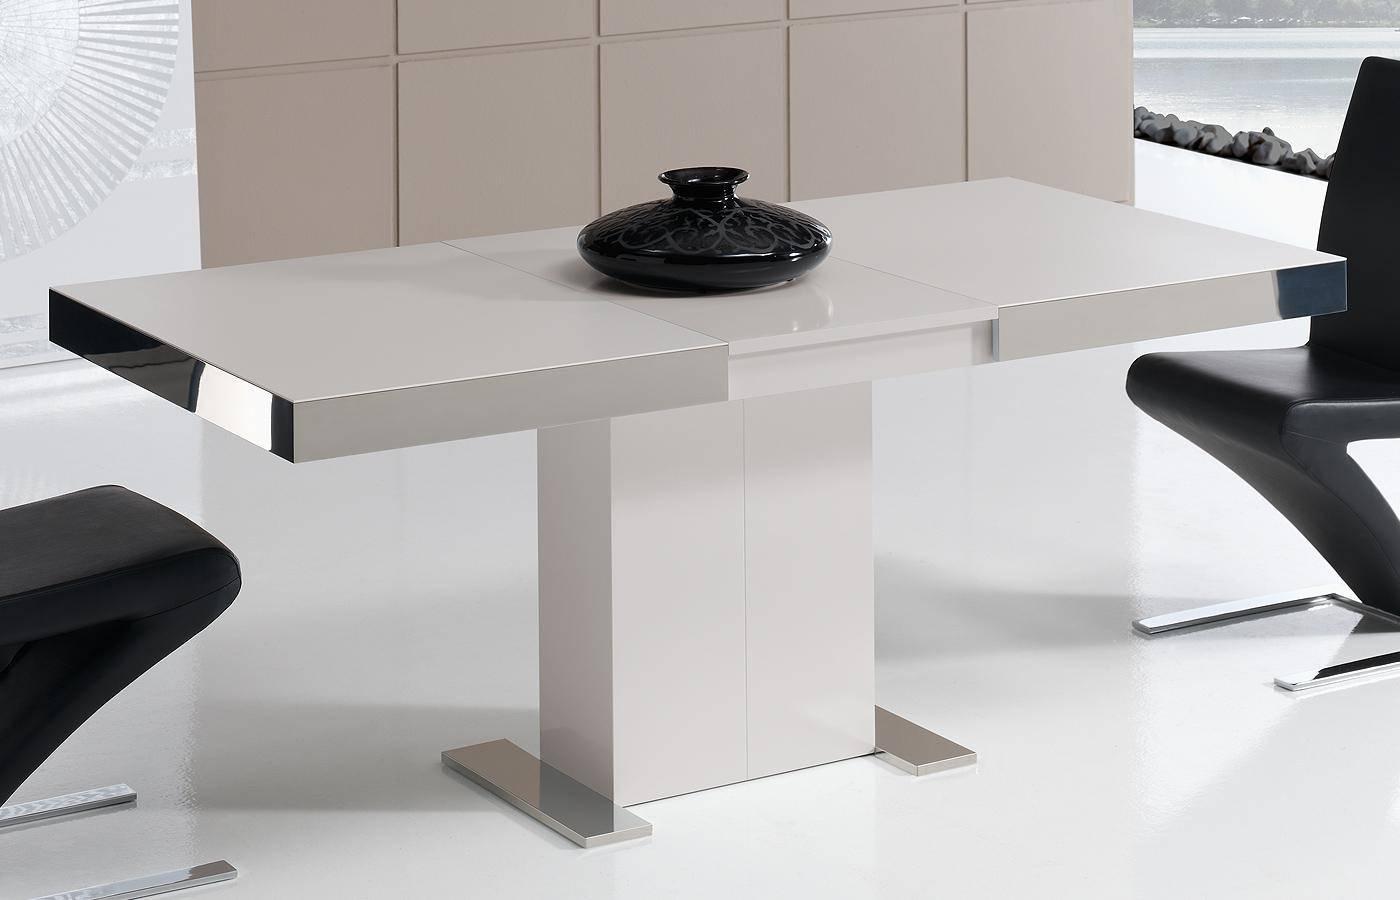 Mesa de comedor Kaly Porcelnico  Dismobel